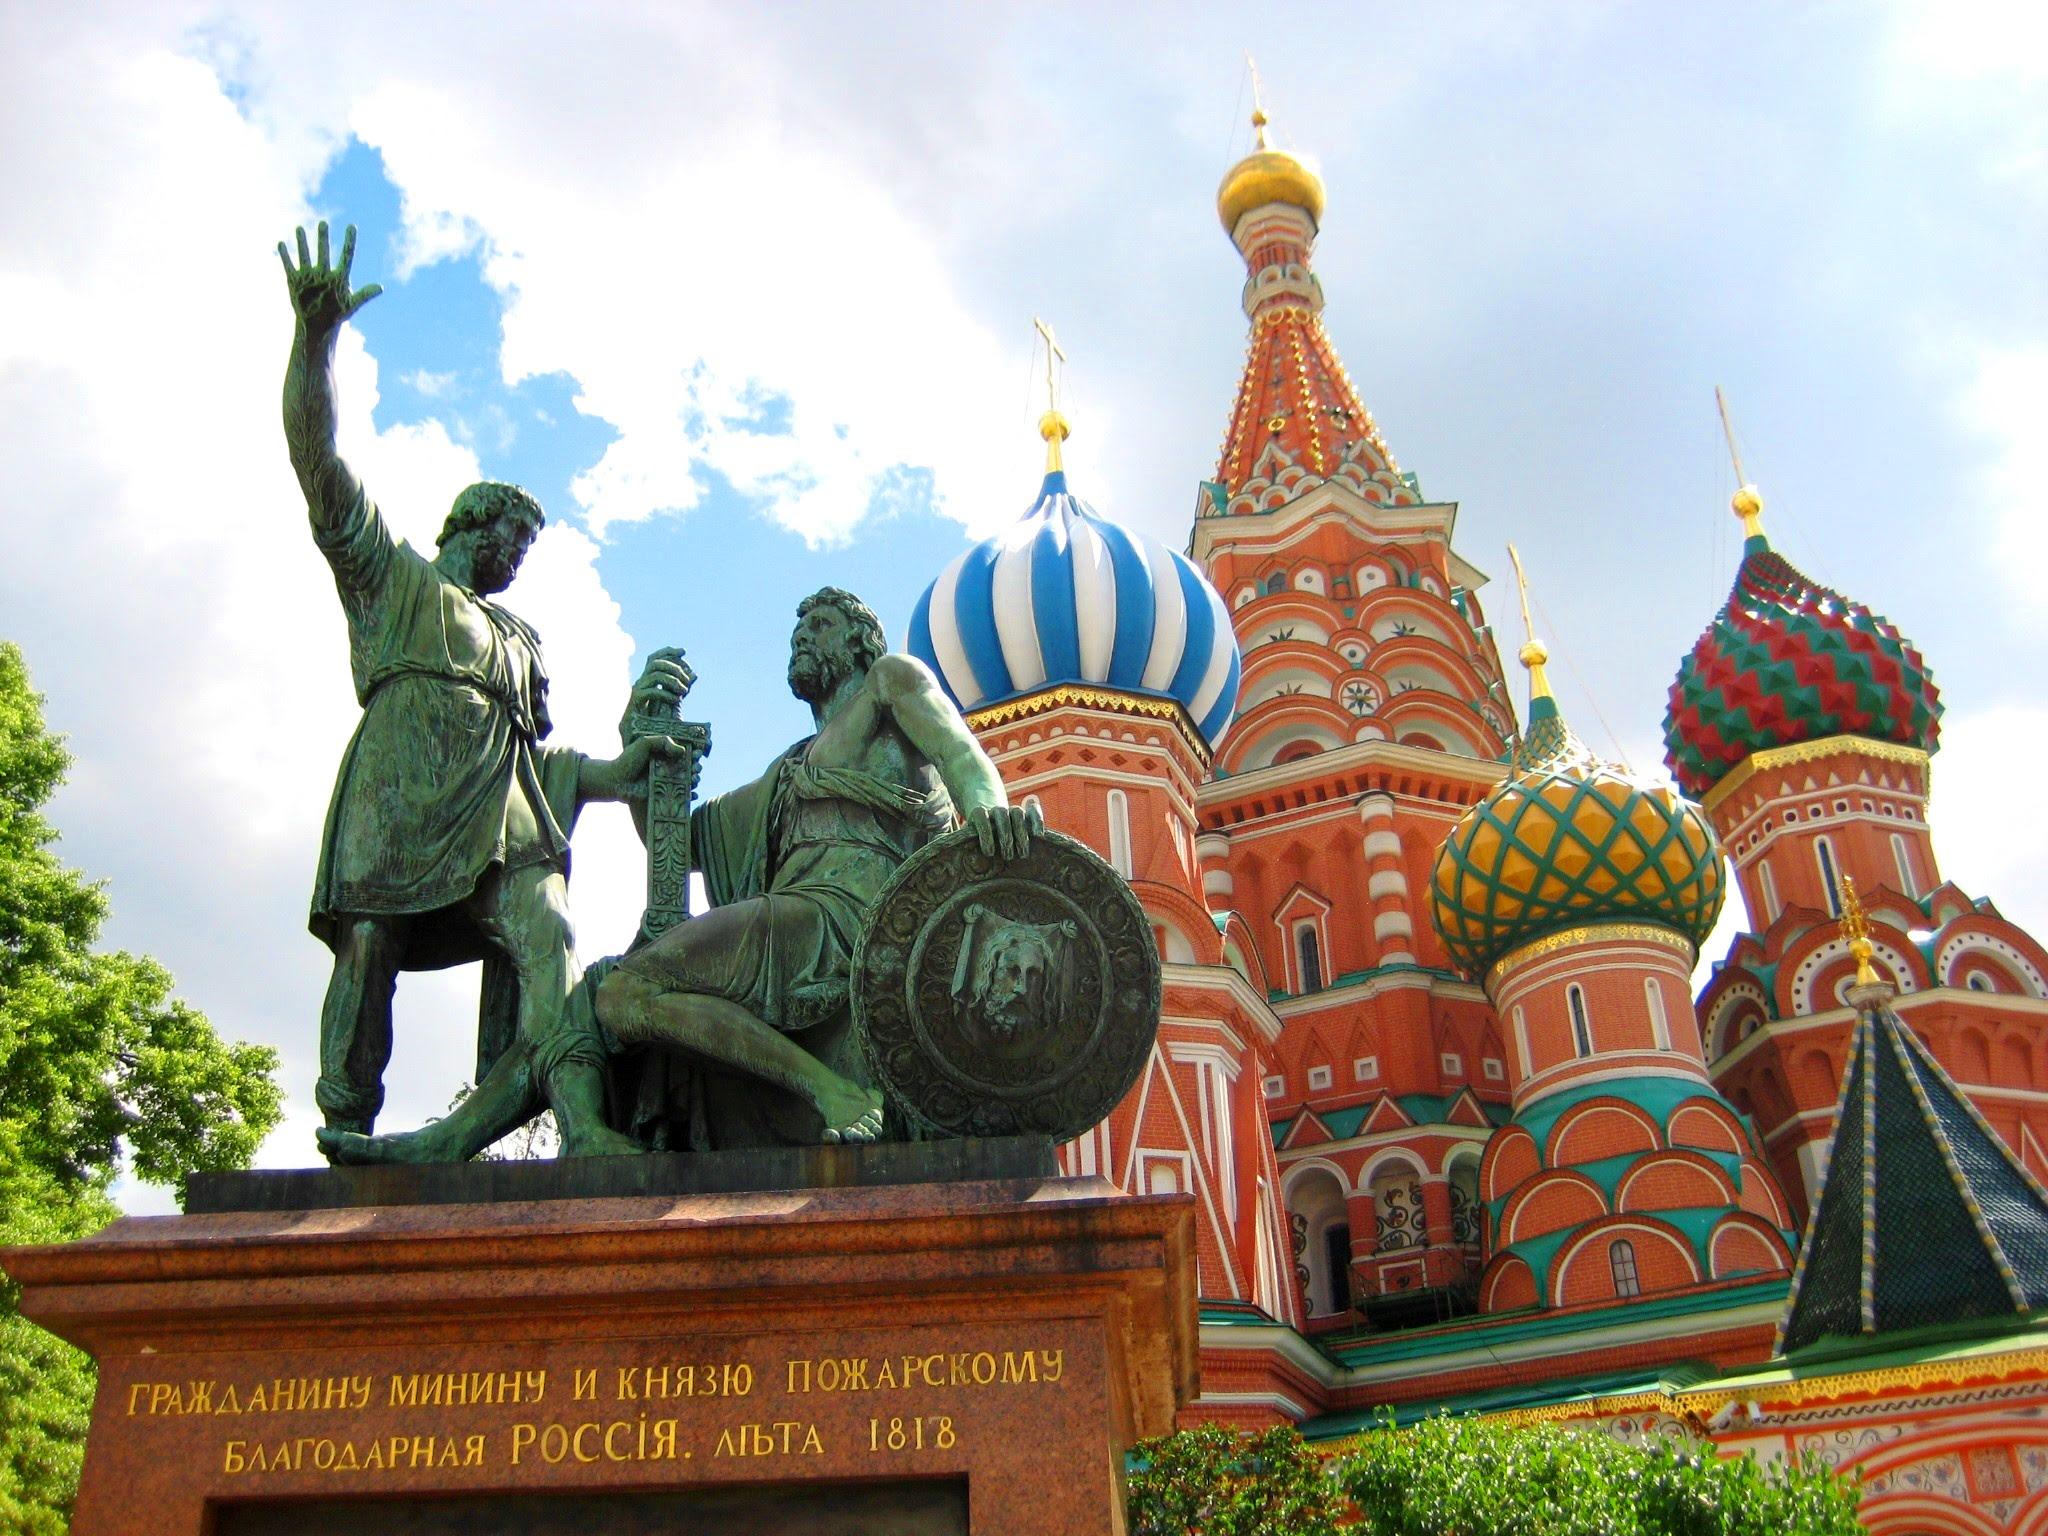 Москва и Санкт Петербург - влак Сапсан - 7 нощувки - от София!